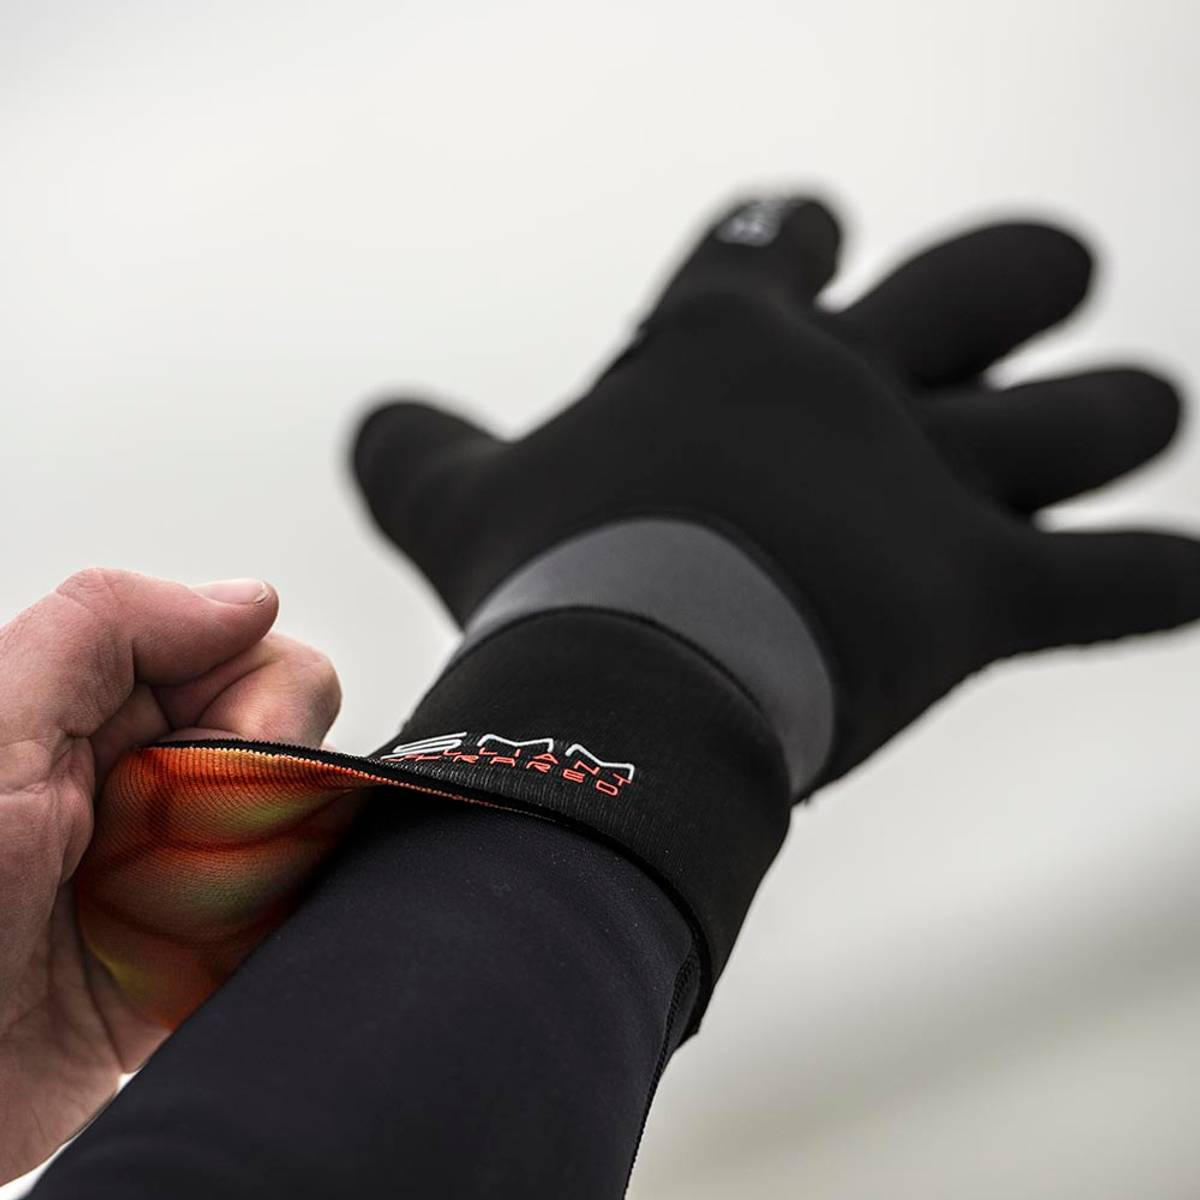 BARE 5mm Ultrawarmth hansker